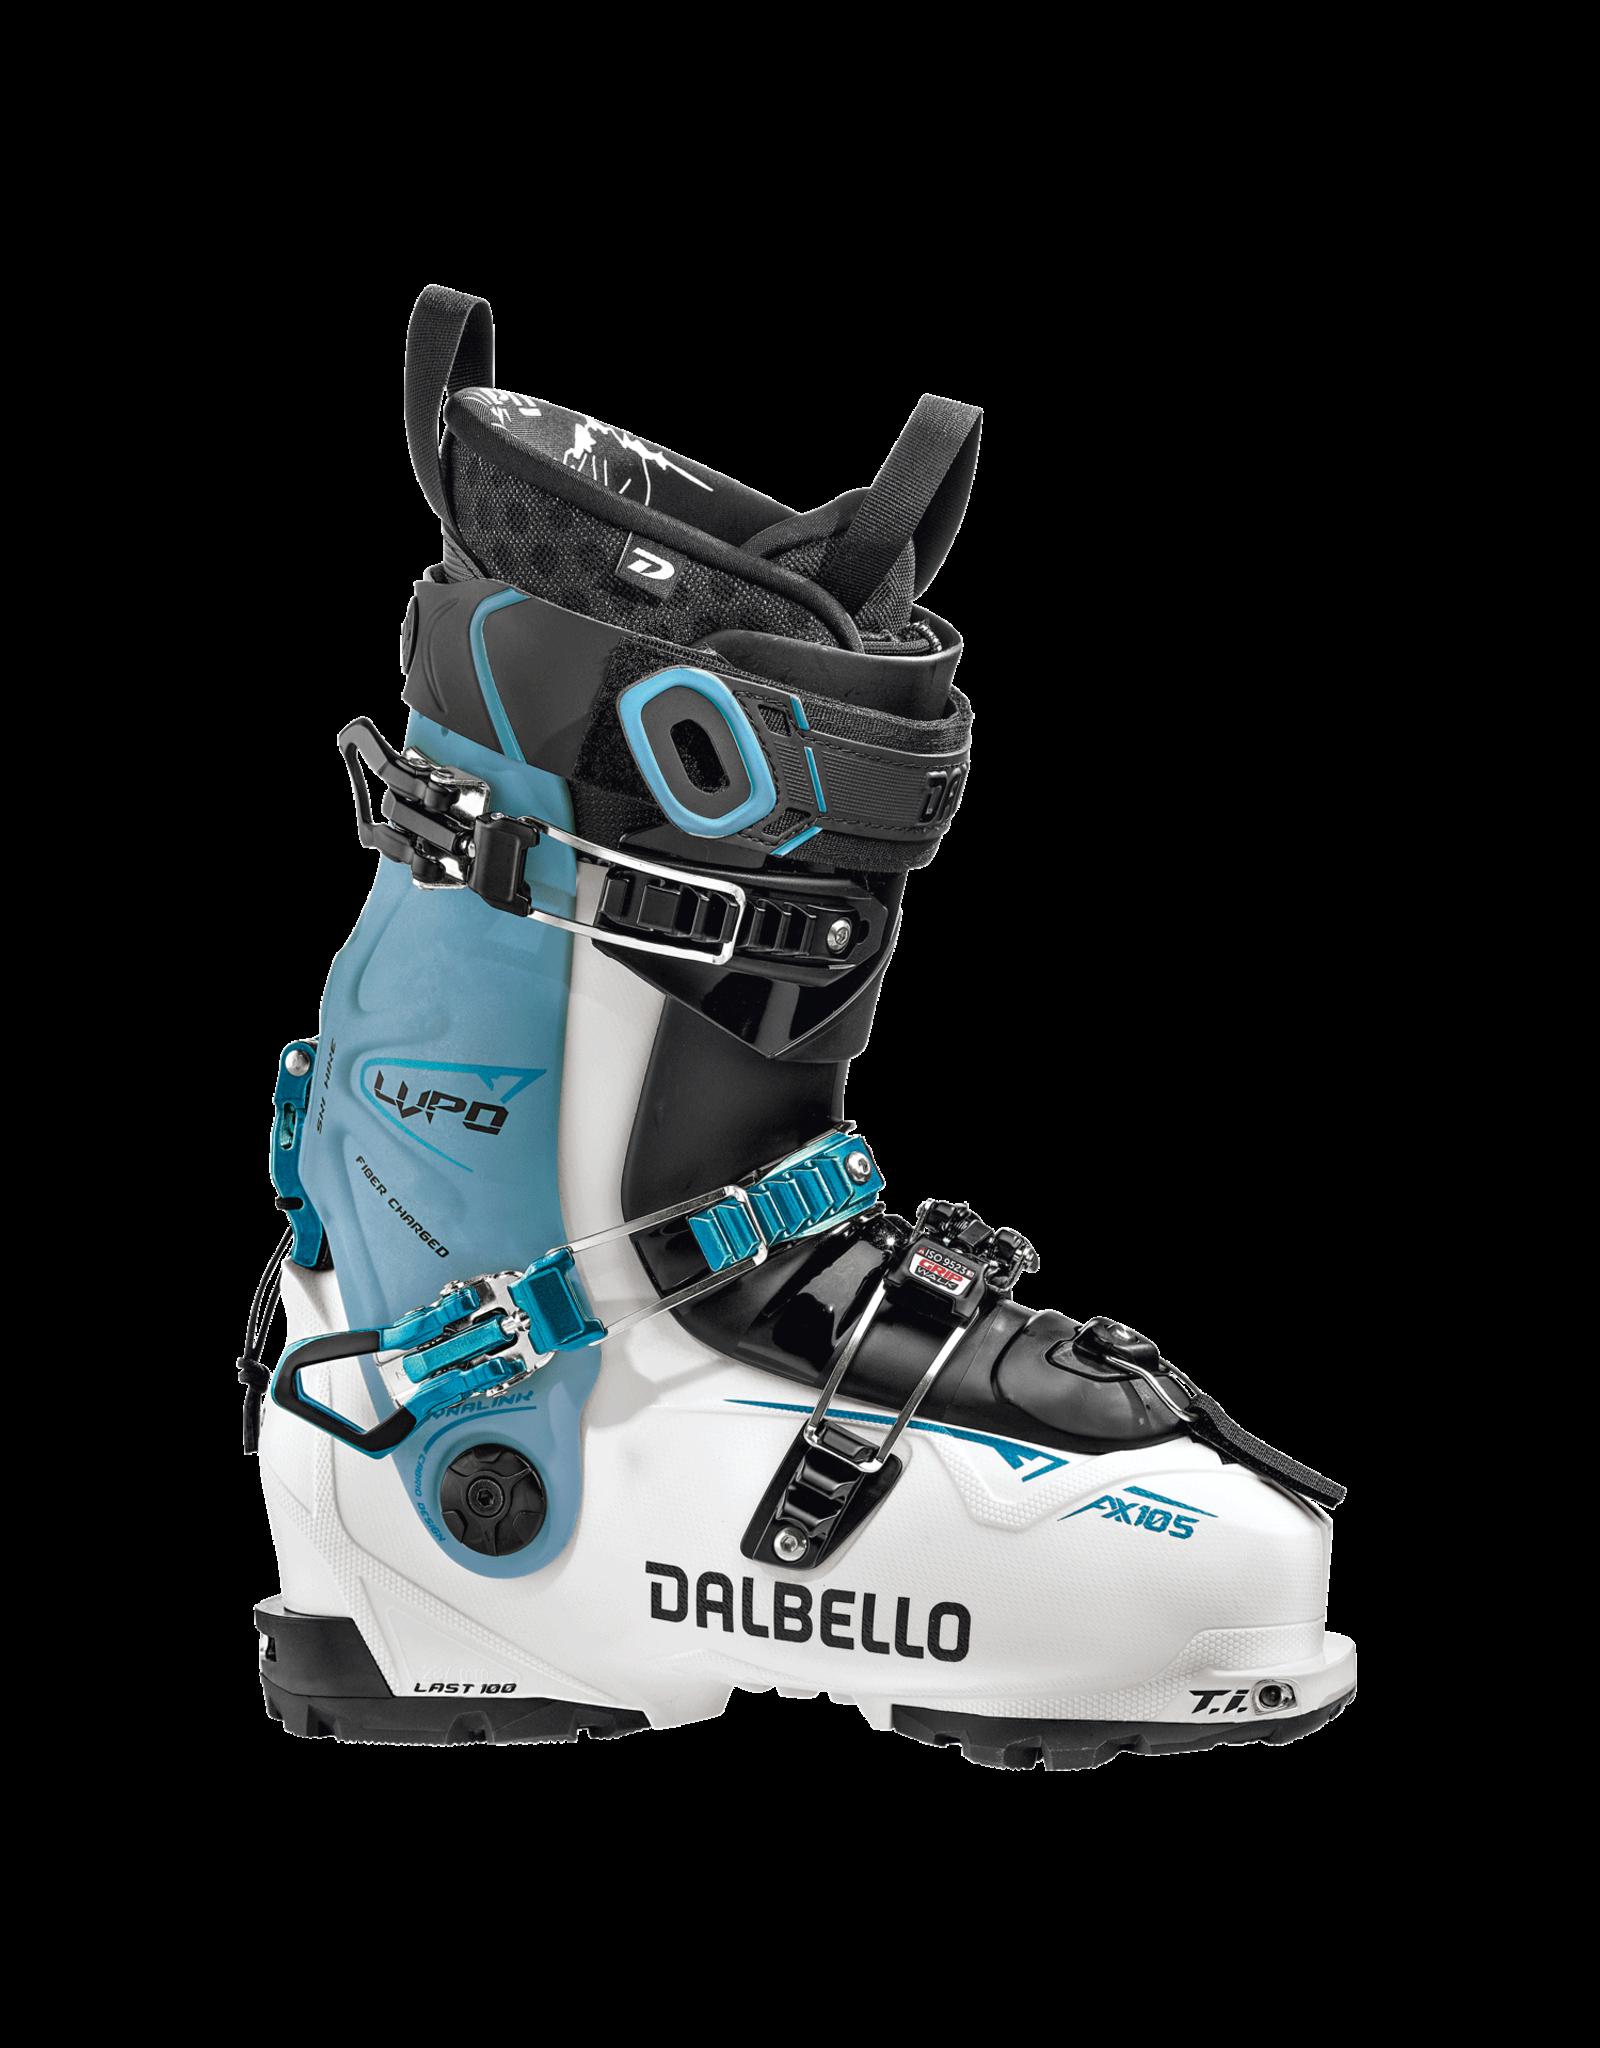 Dalbello Lupo AX 105 W 2021